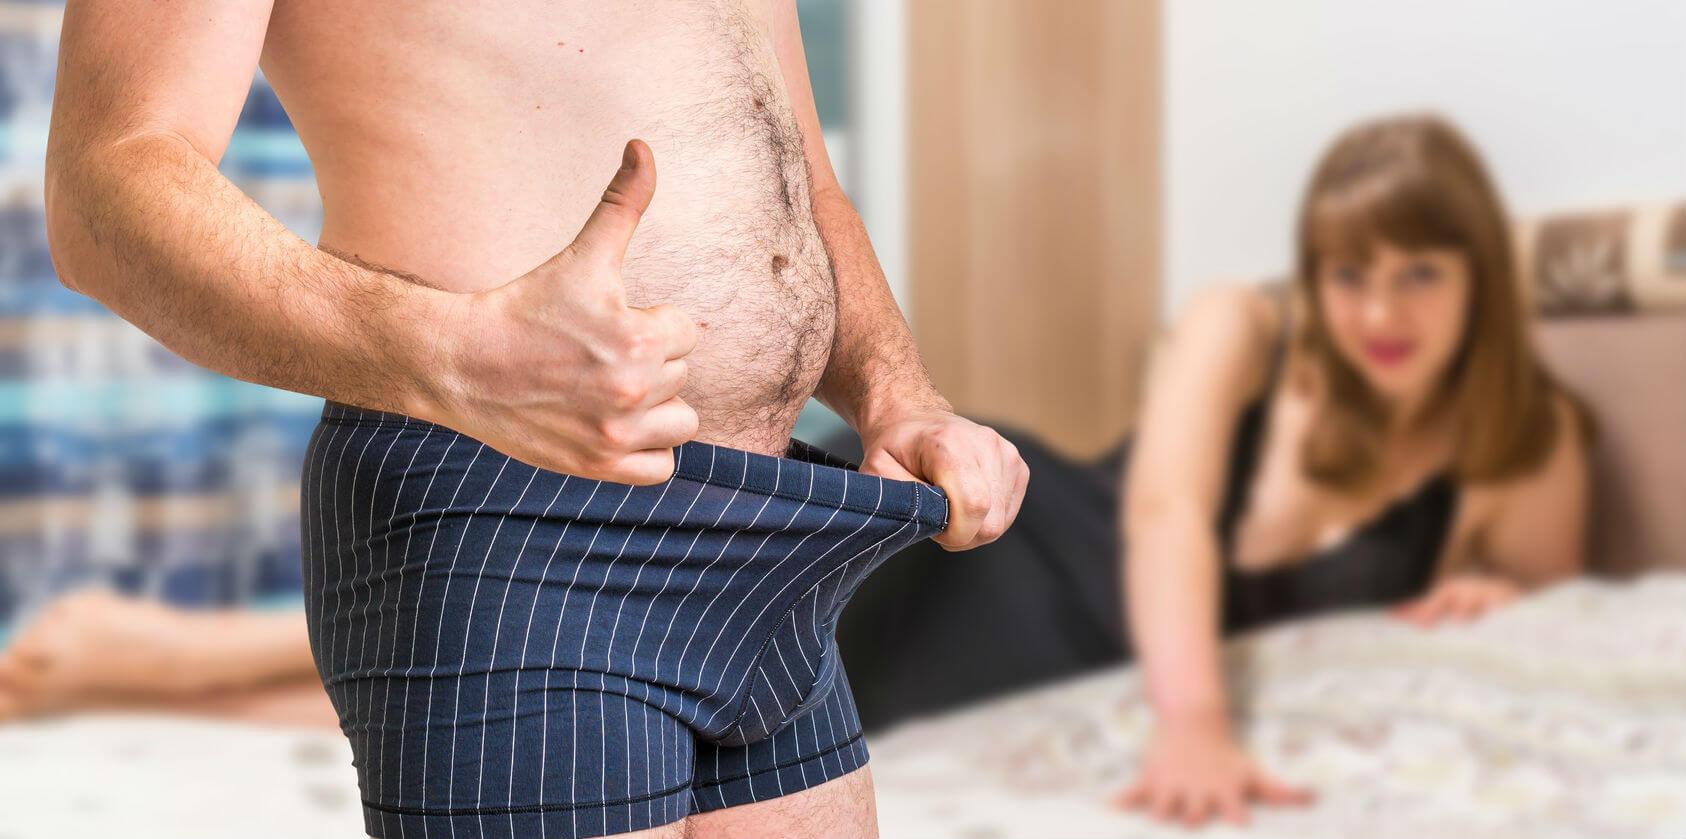 az erekció erős vagy gyenge